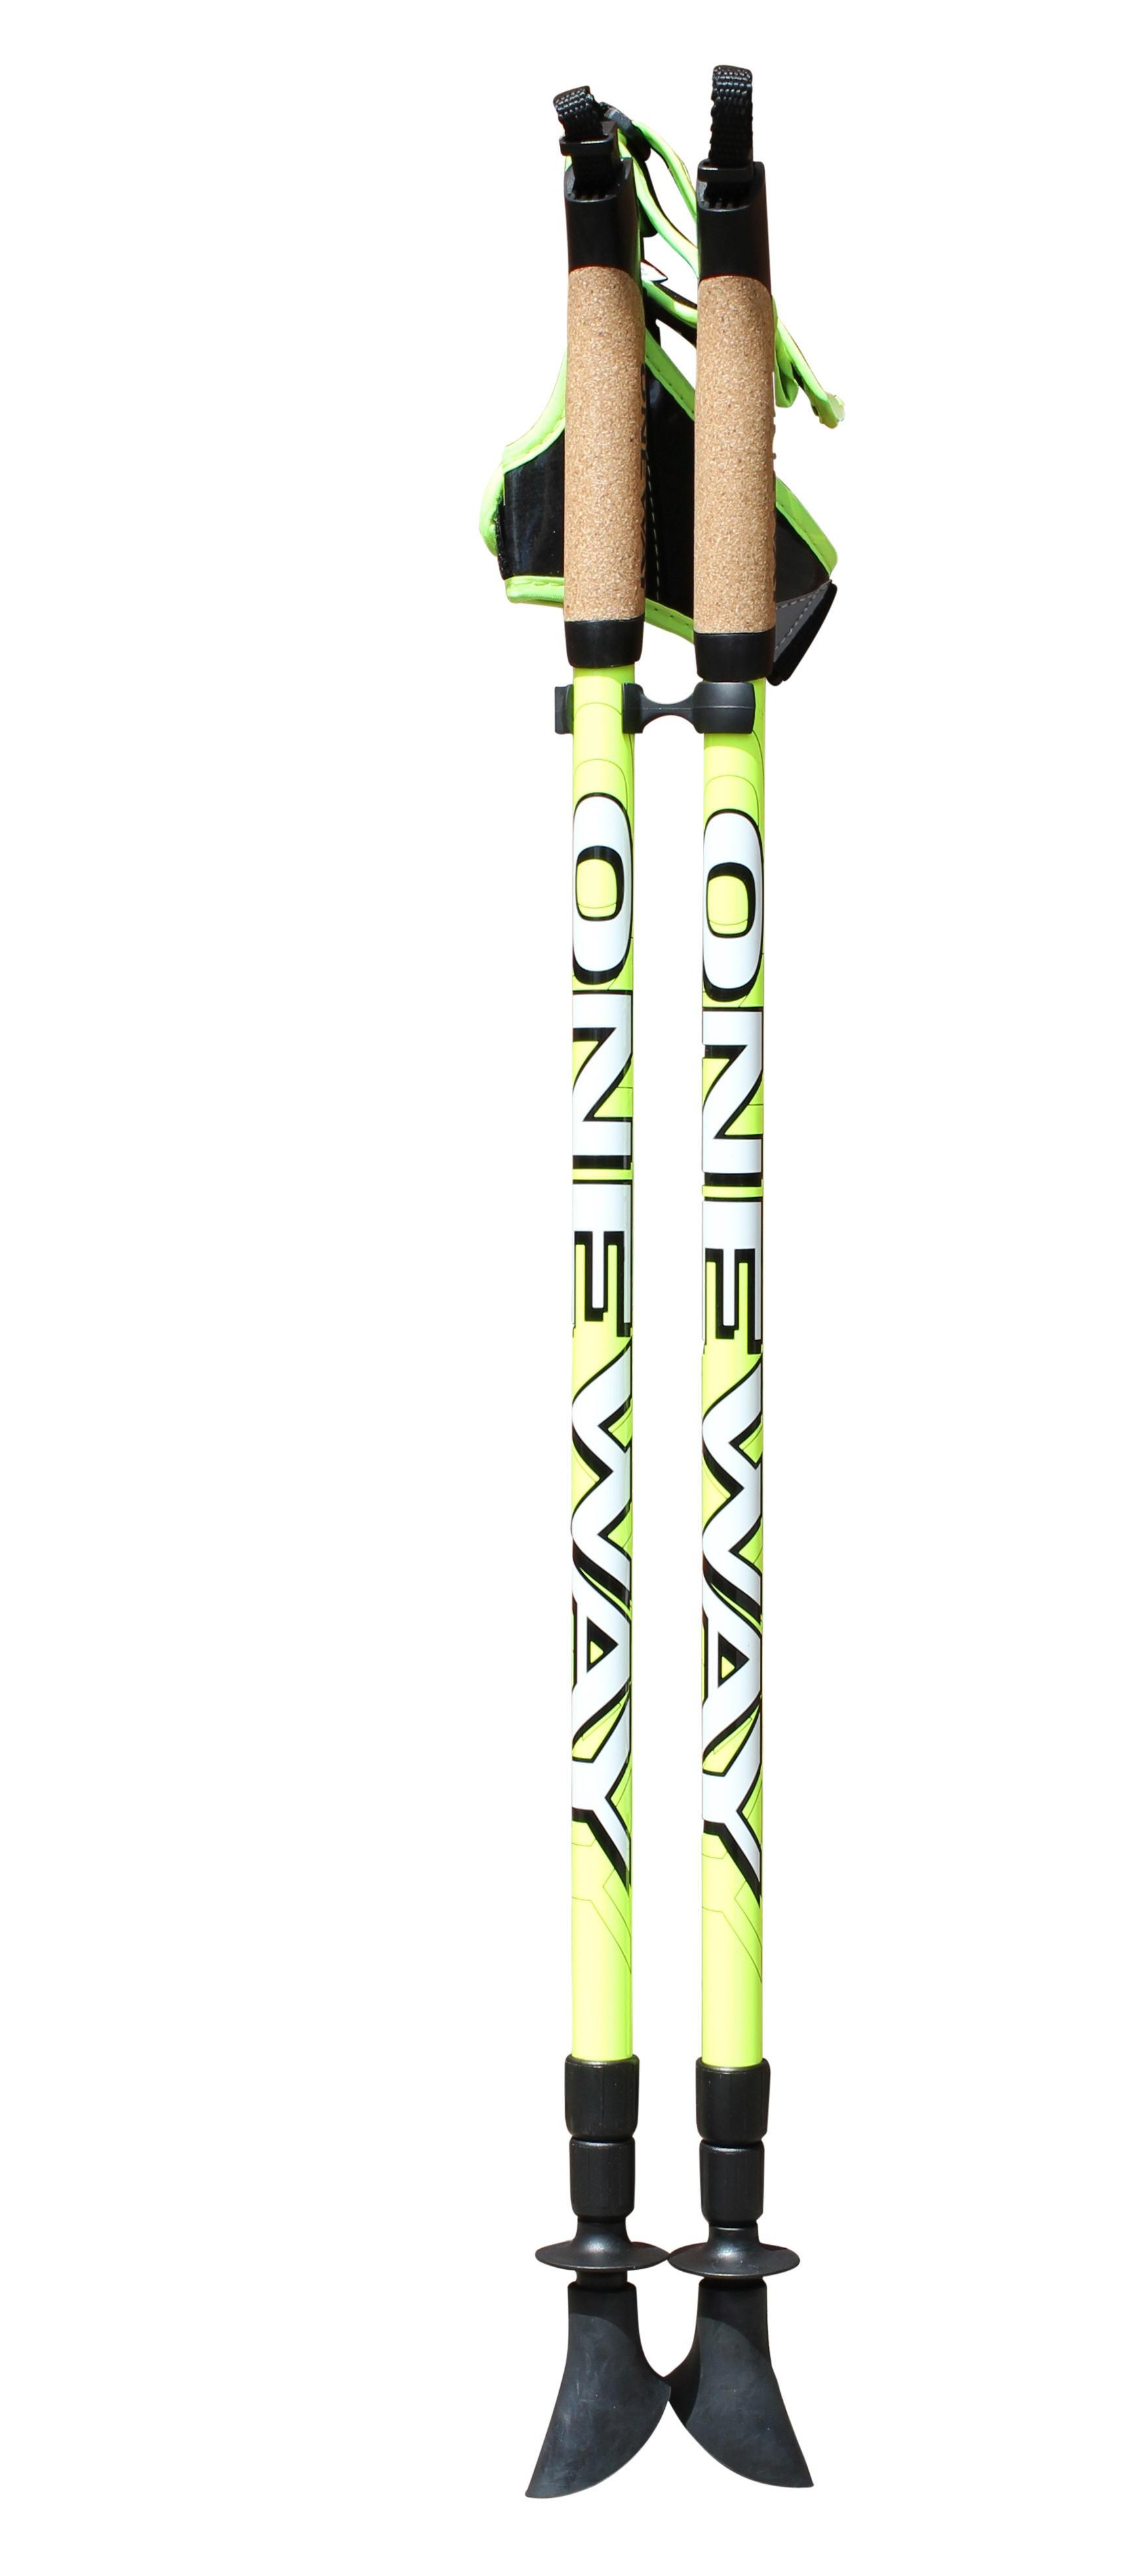 ONE WAY 3-Piece Adjustable Nordic Walking Poles